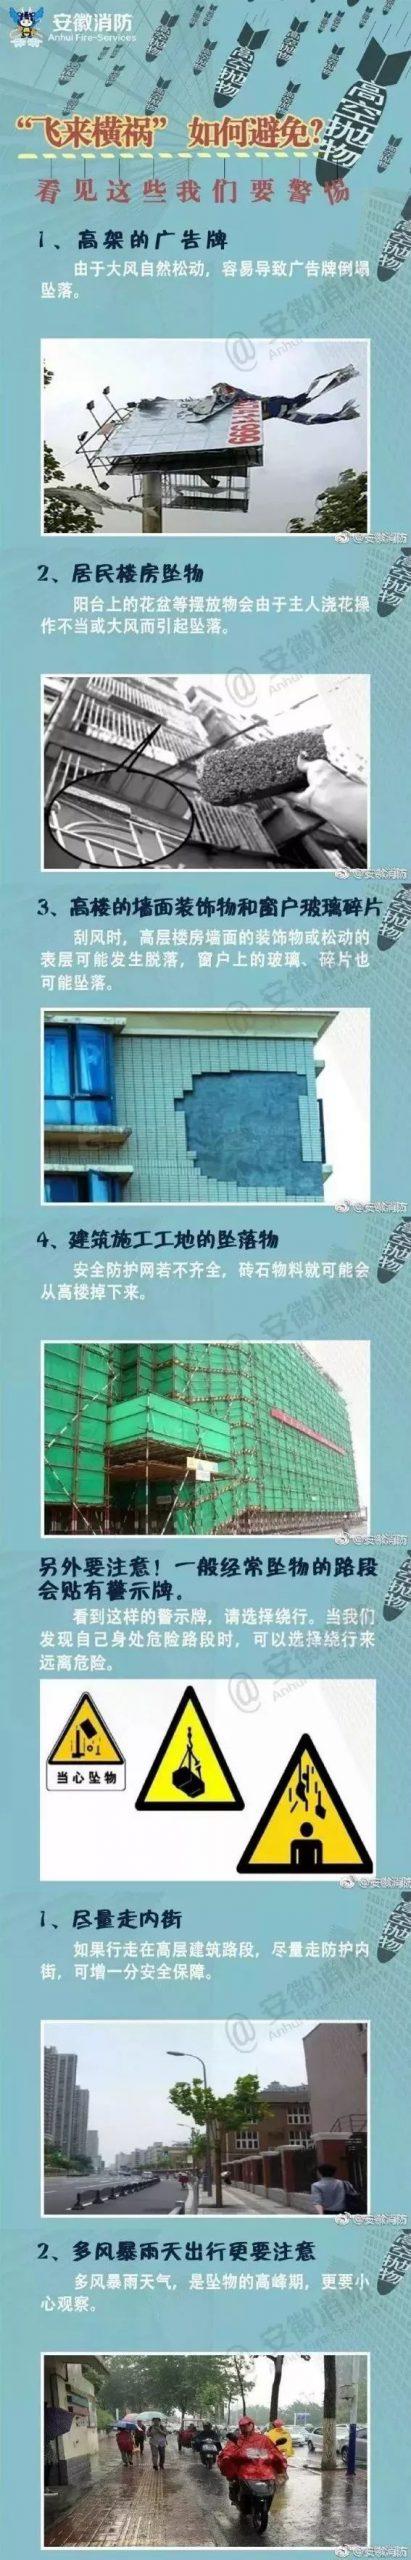 痛心!深圳一小区高层窗户坠落砸中6岁男童,妈妈当场崩溃…插图26